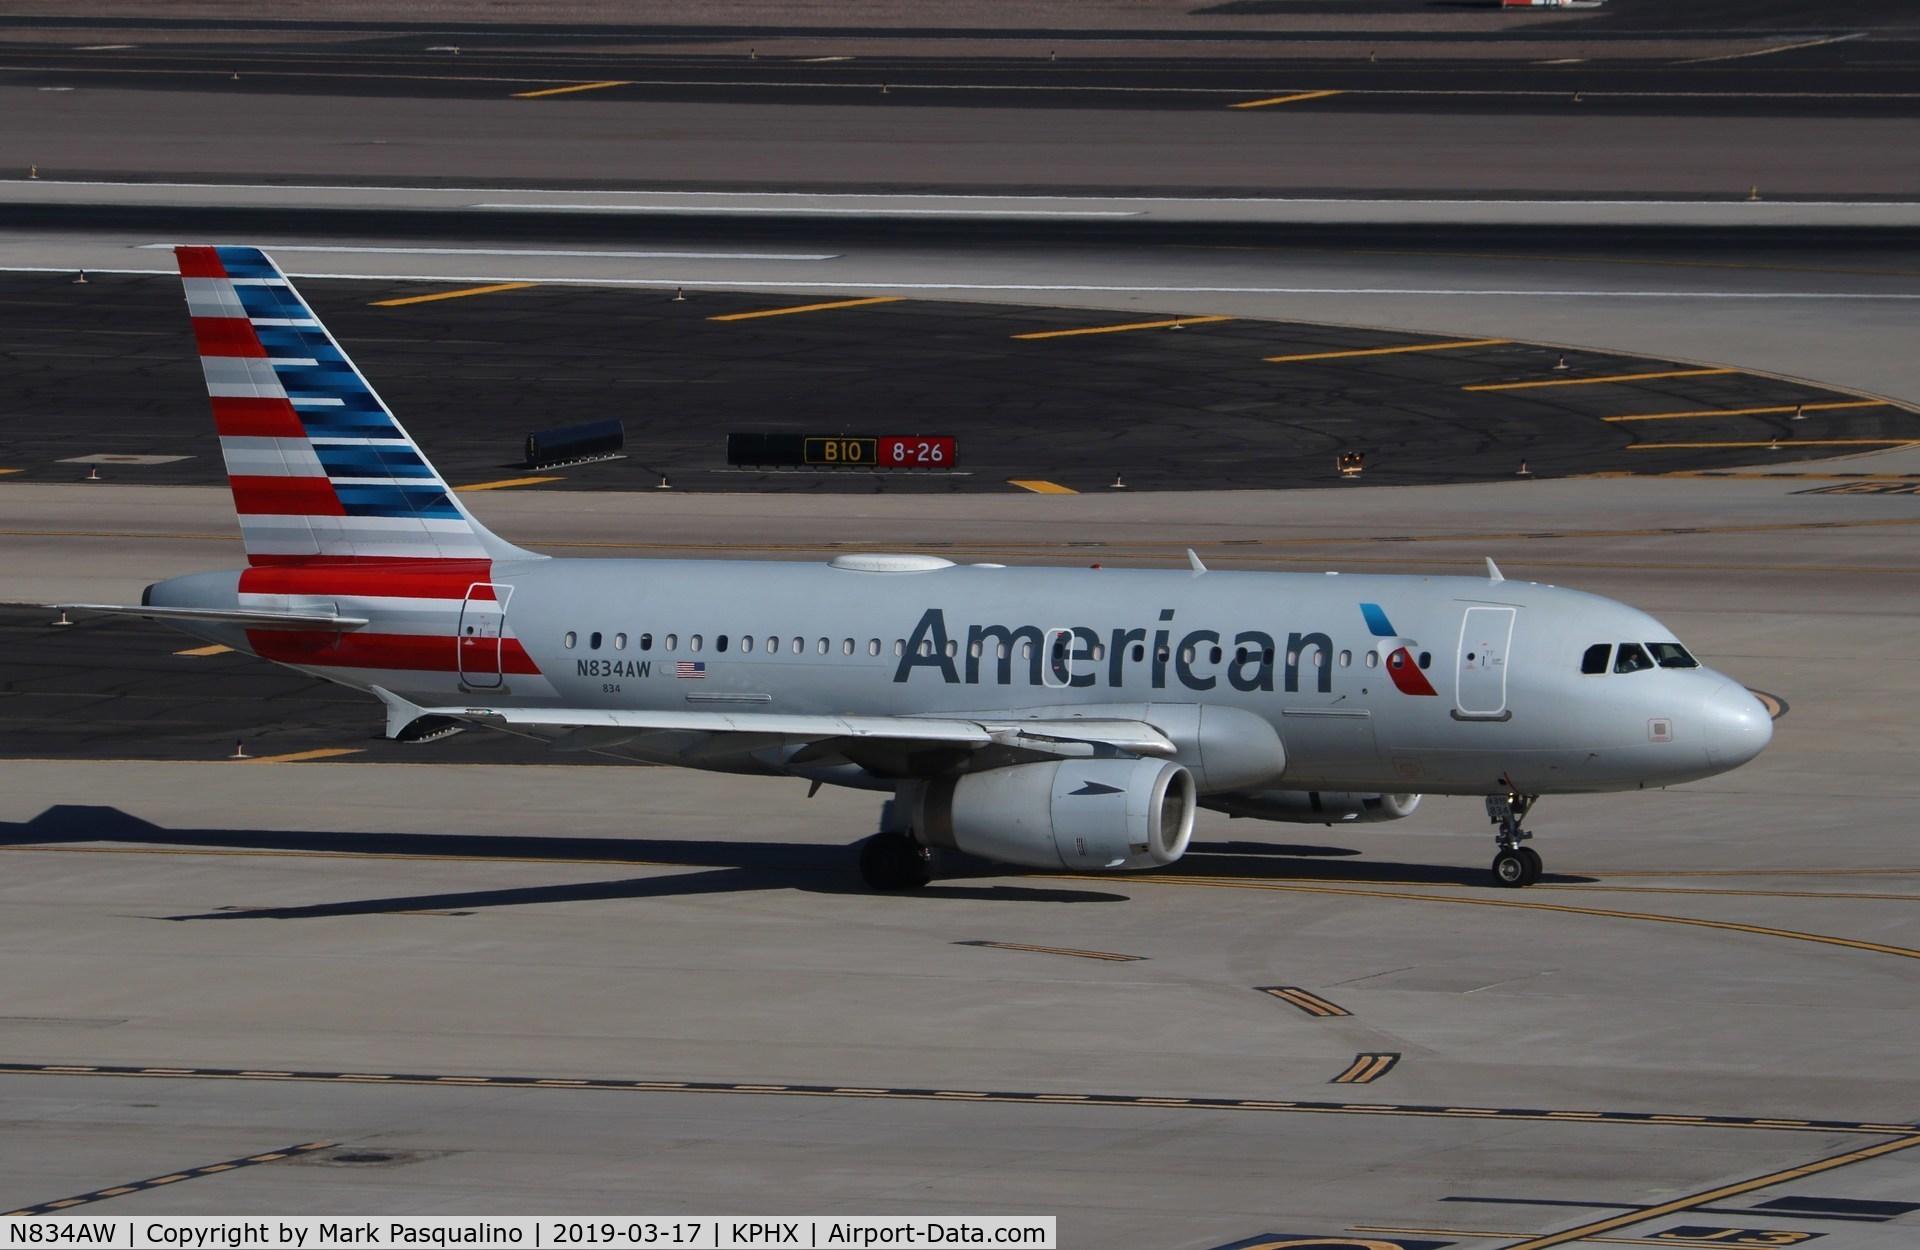 N834AW, 2004 Airbus A319-132 C/N 2302, Airbus A319-132